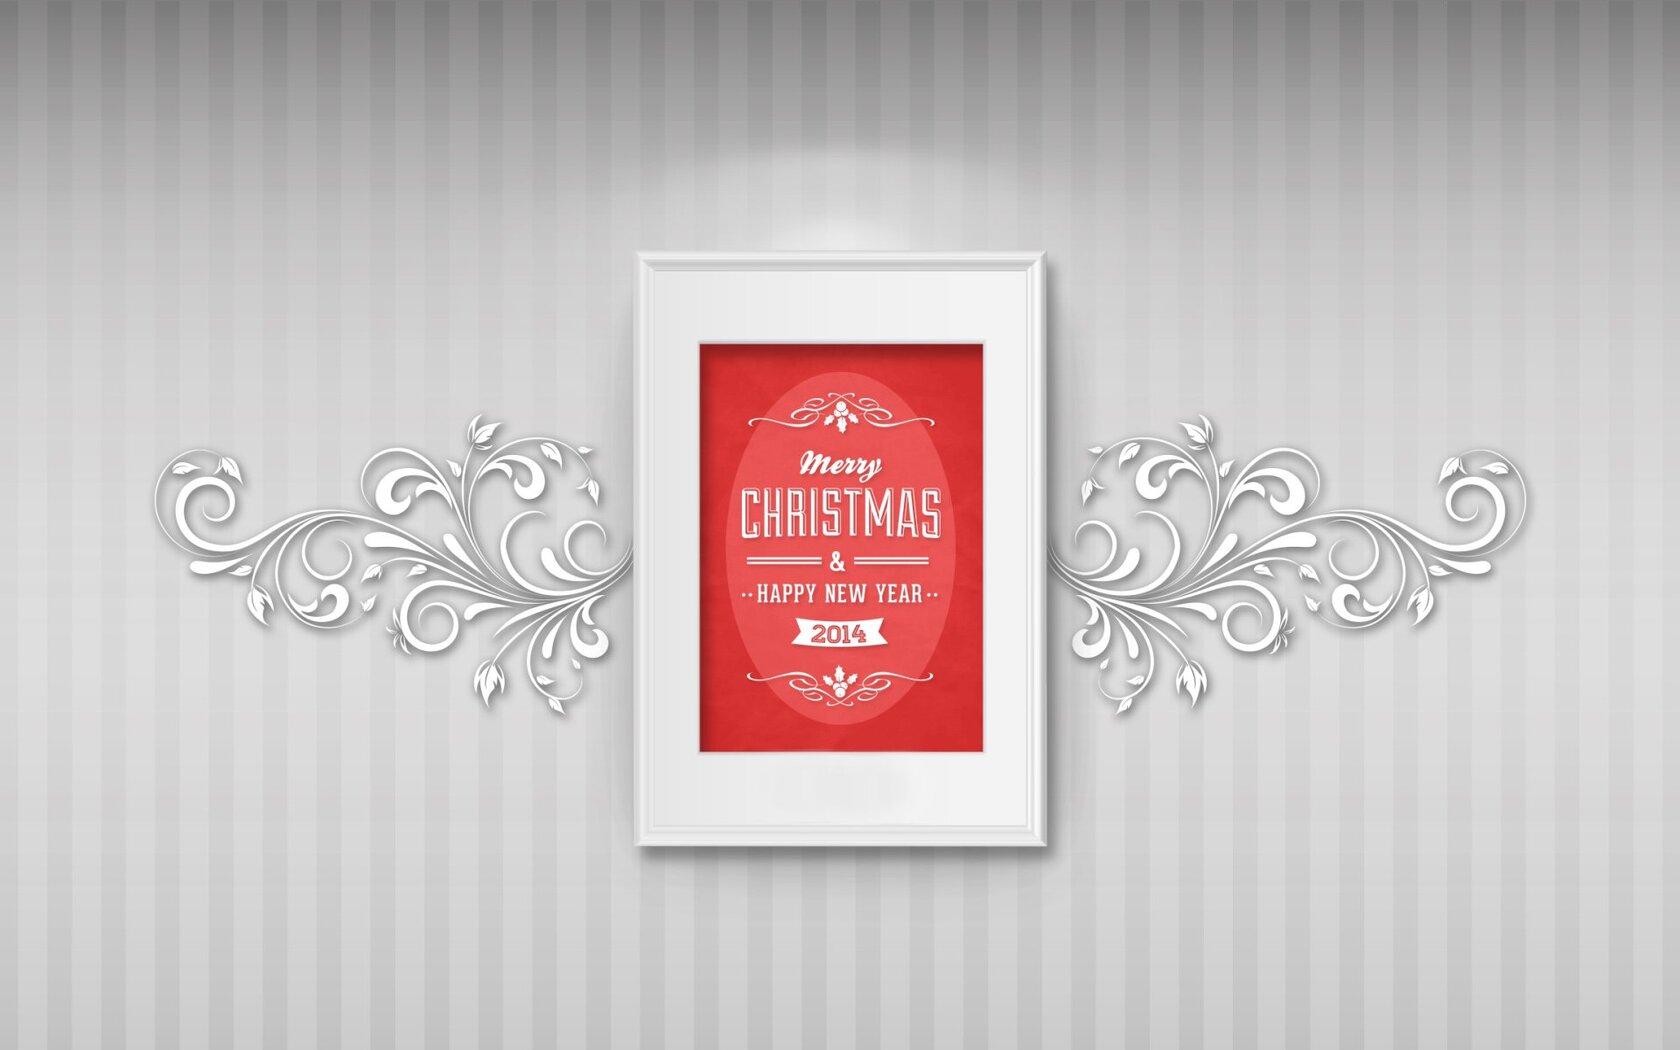 merry-christmas-happy-new-year.jpg